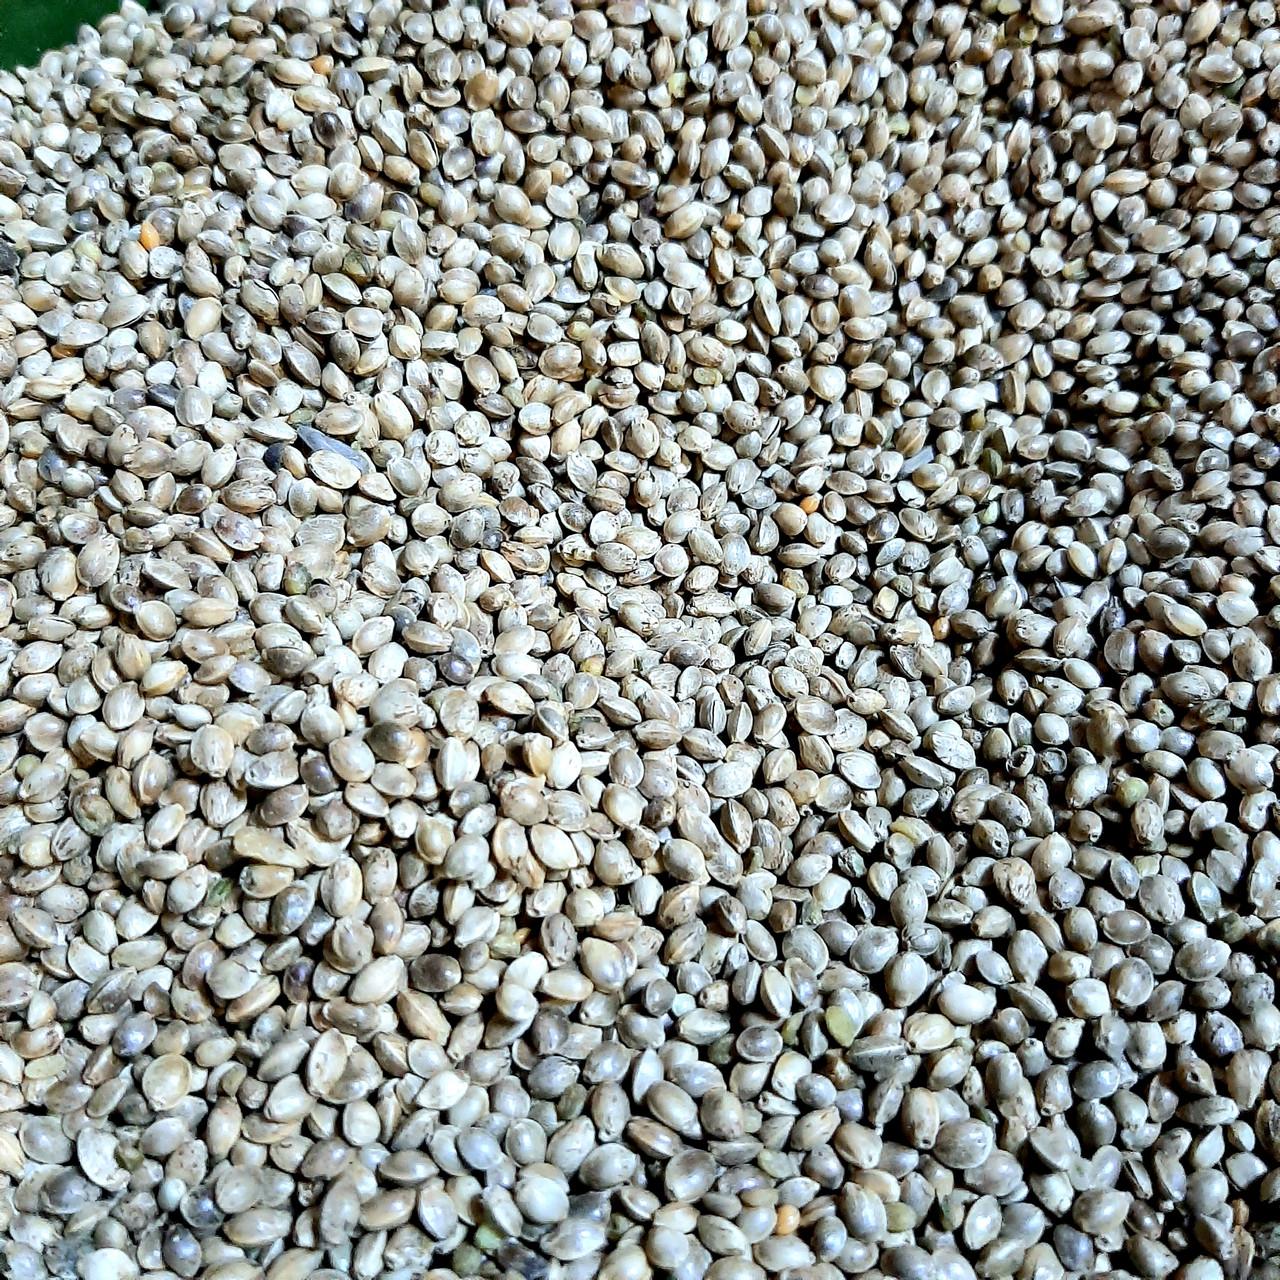 Семена конопли купить для рыбалки производство конопли в домашних условиях